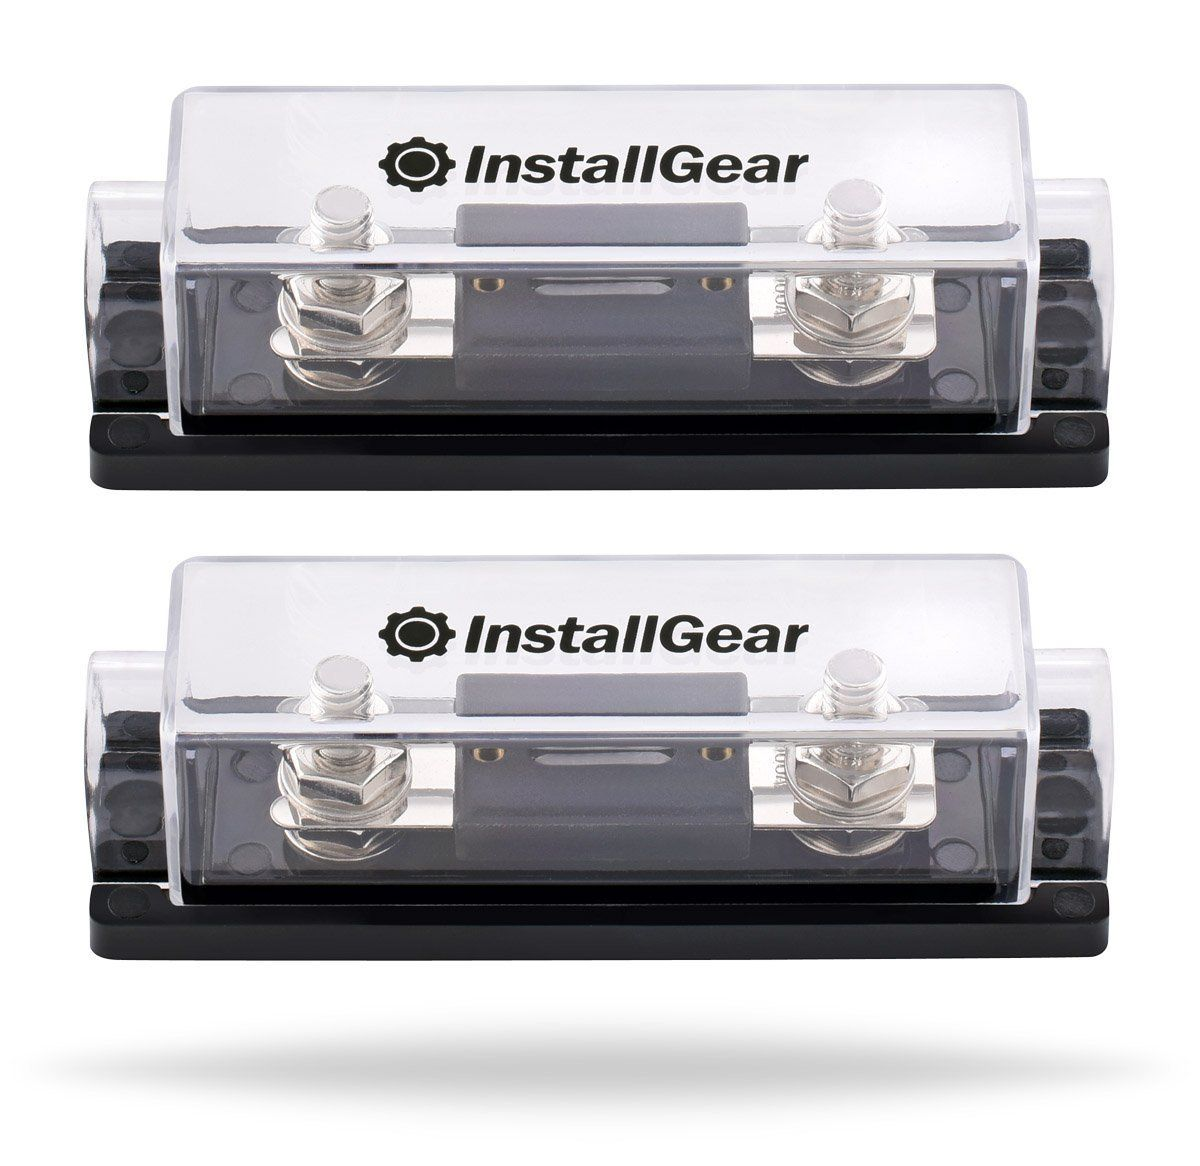 installgear 0 2 4 gauge ga anl fuse holder 100 amp anl fuses (2 Fuse Box Switch installgear 0 2 4 gauge ga anl fuse holder 100 amp anl fuses (2 pack)